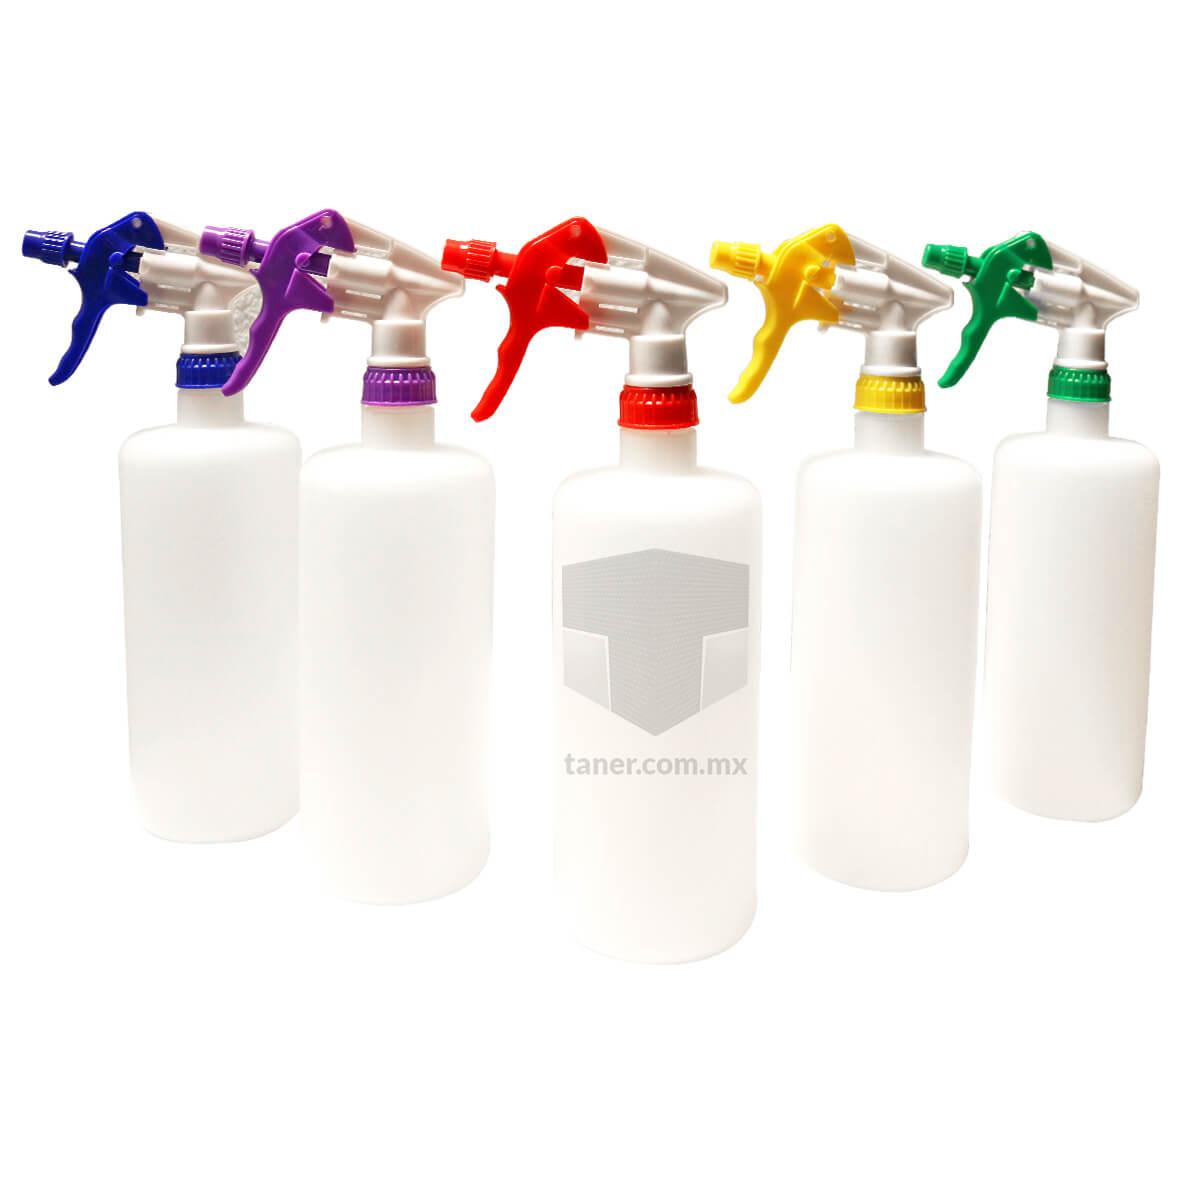 Venta-de-Anaqueles-TANER-Organizadora-de-Espacios-CDMX-Atomizador-Uso-Rudo-Con-Botella-De-Un-Litro-01